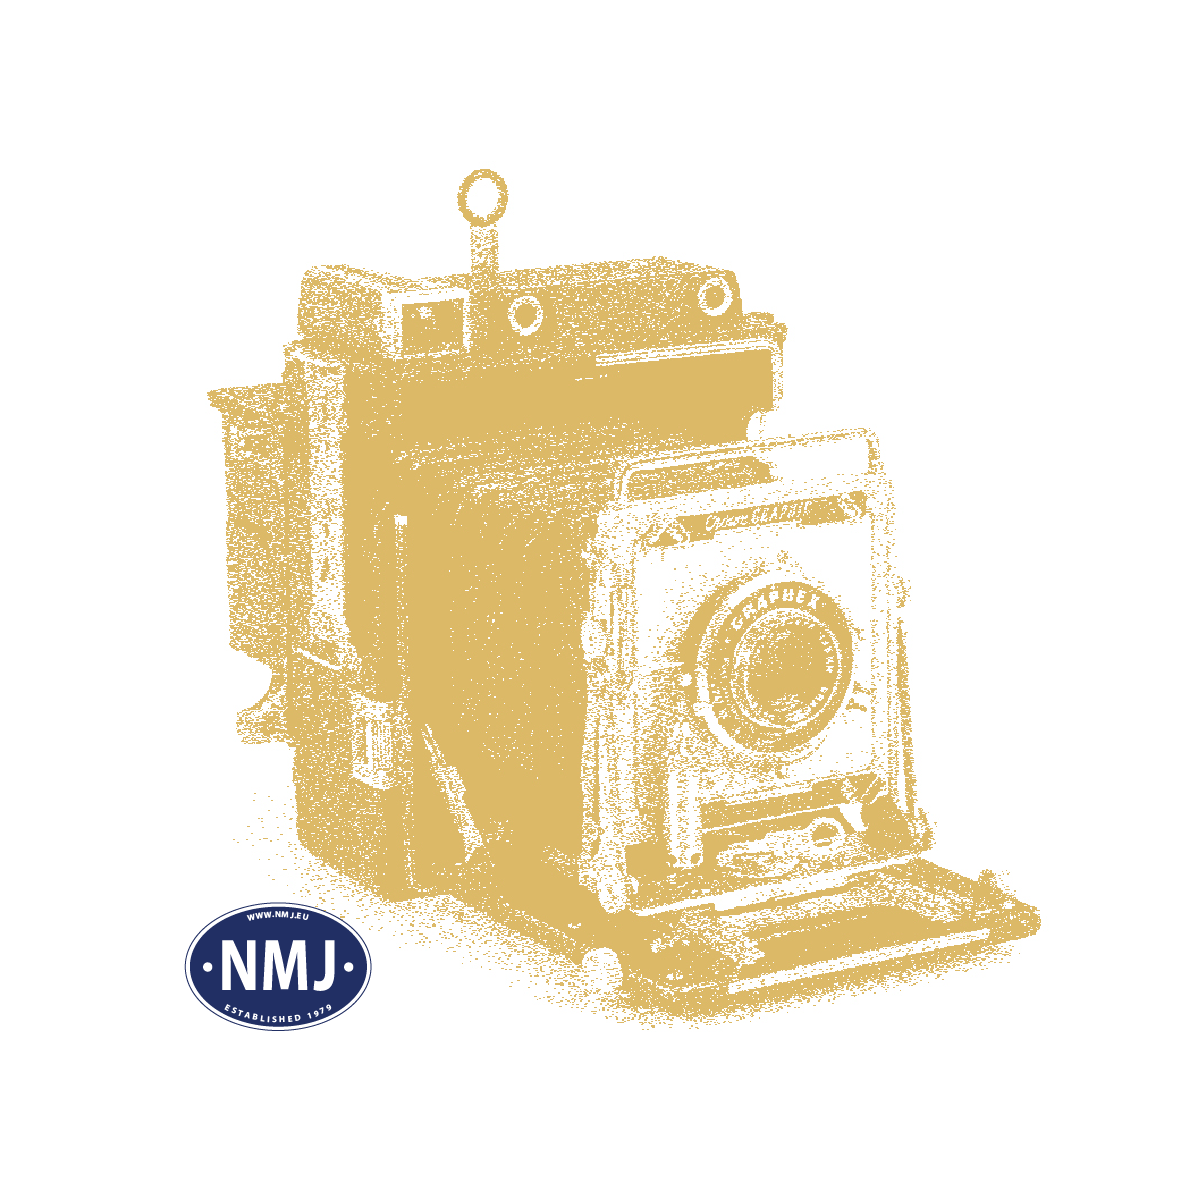 PAN438934 - Lakk-kabinett med vifte og filter, 47 dB